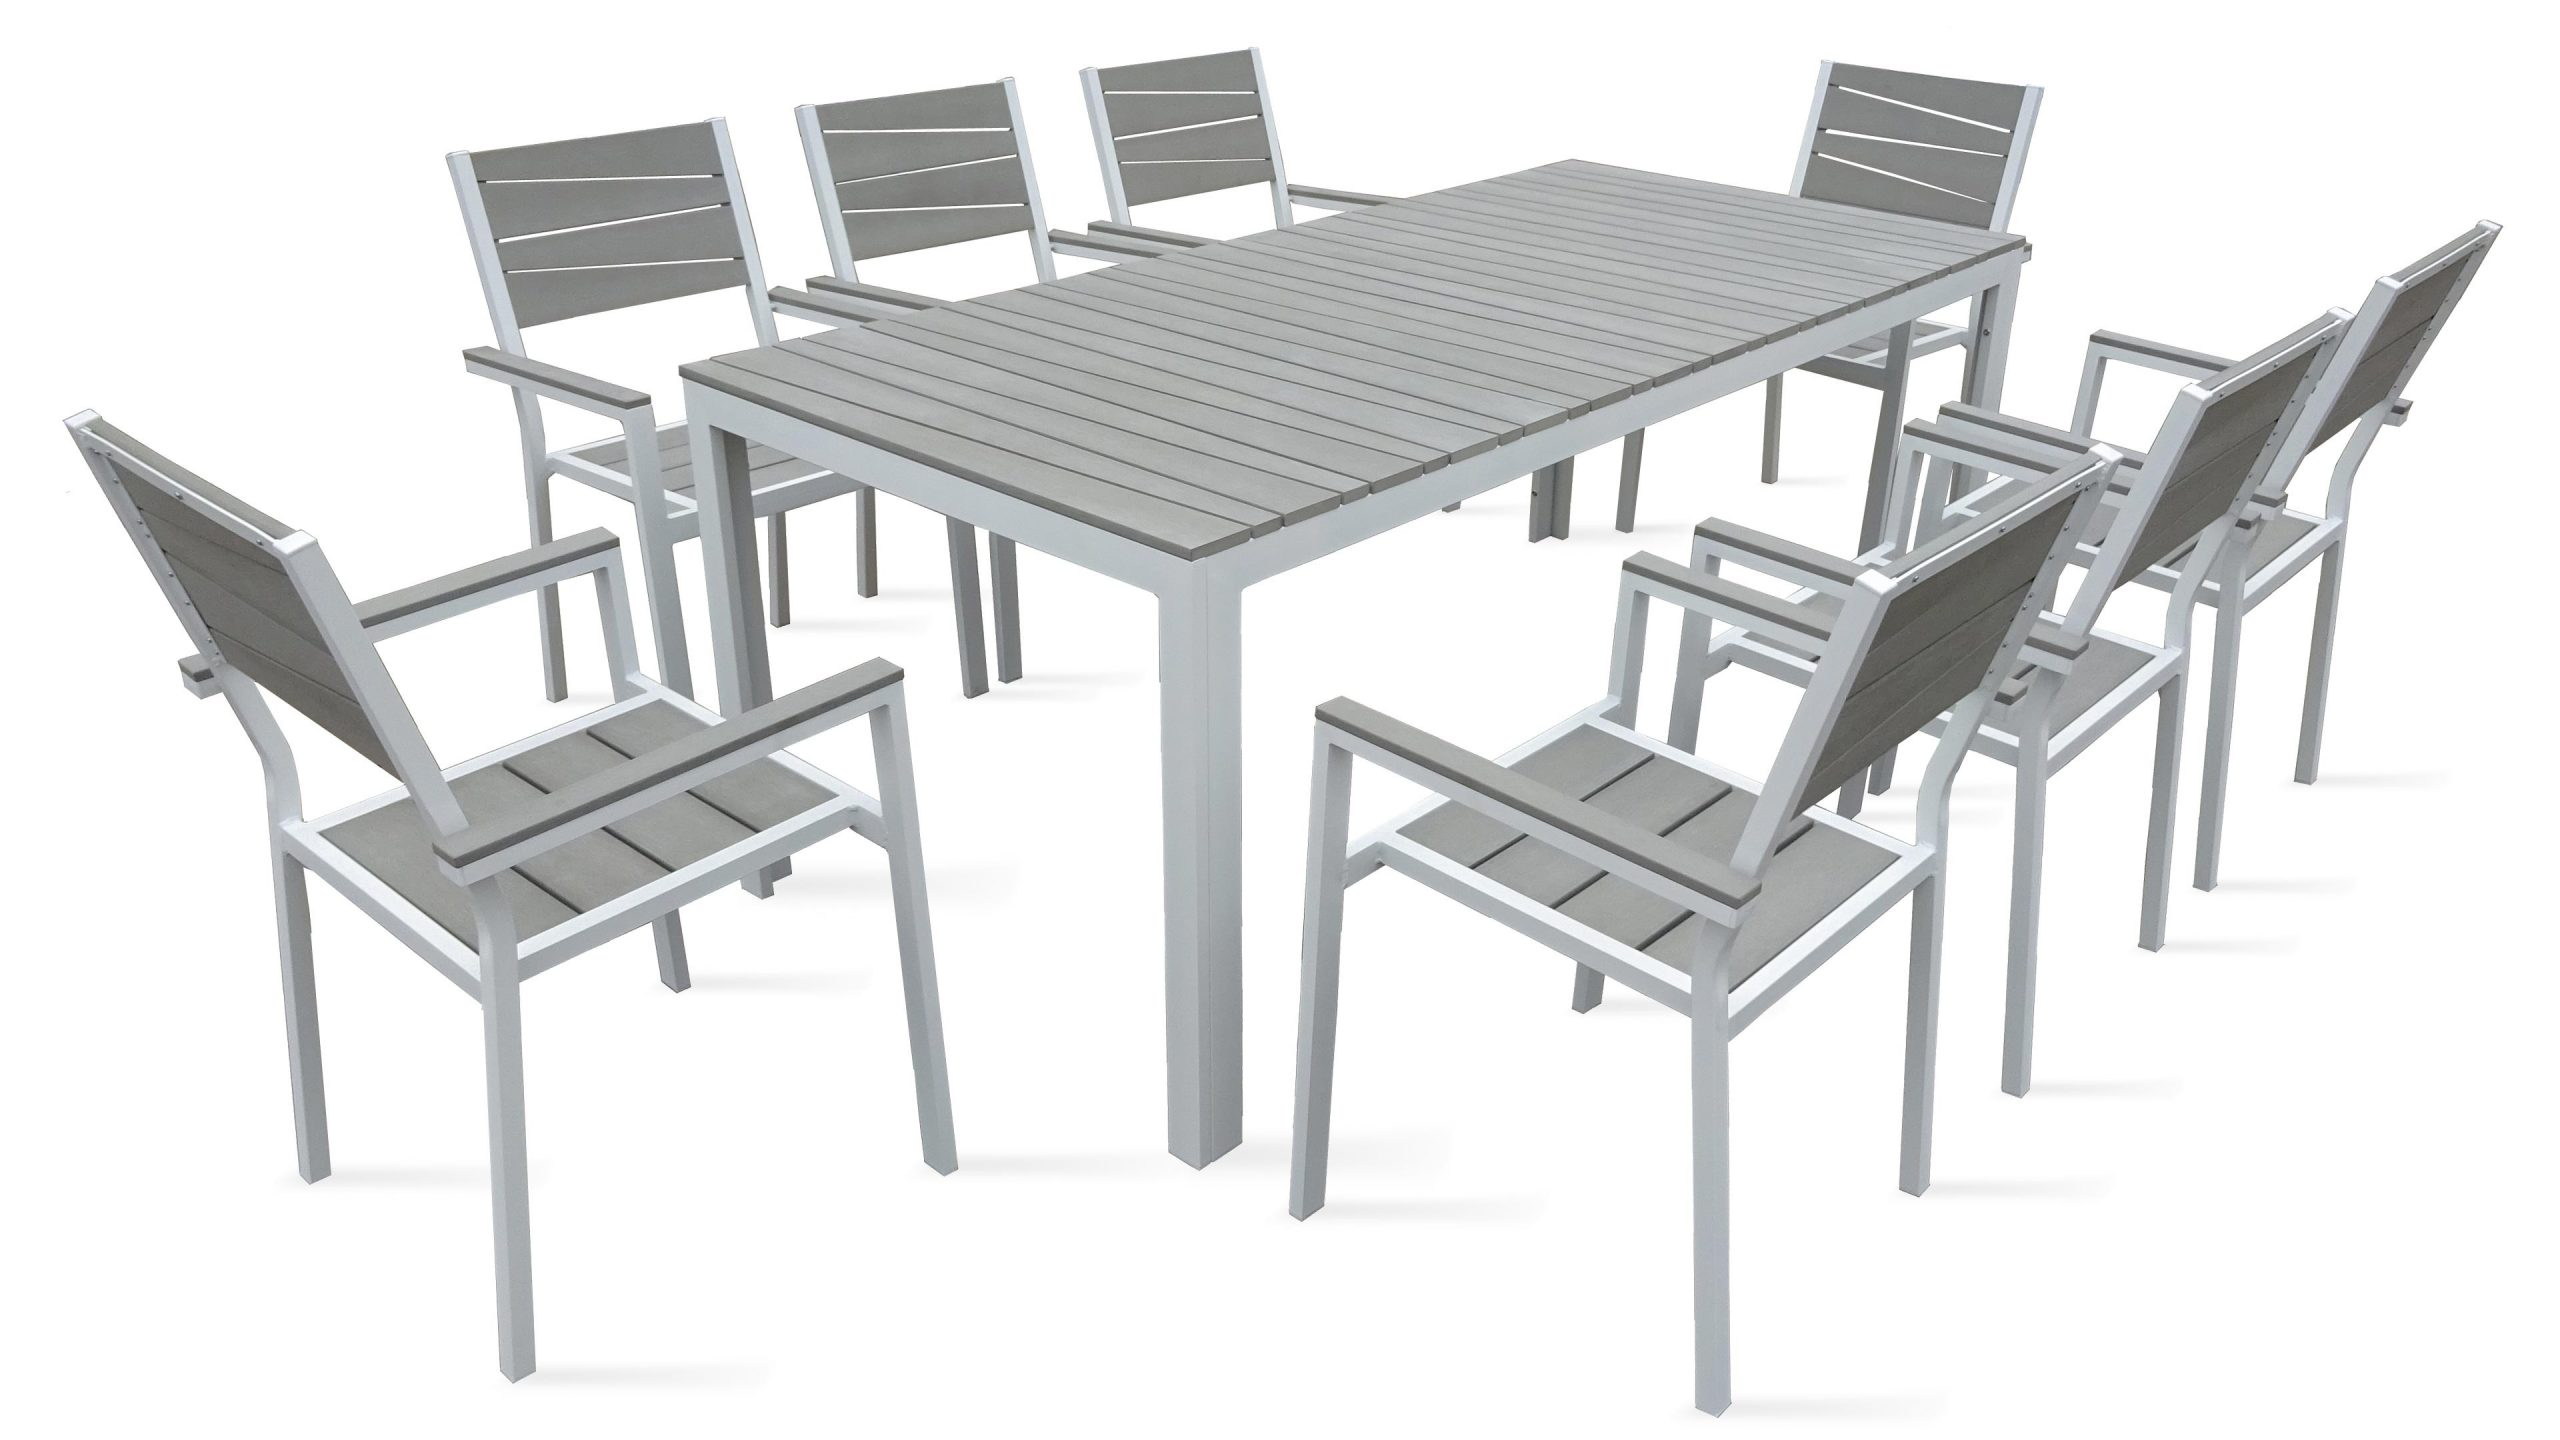 Table De Jardin 8 Places Aluminium Polywood concernant Table De Jardin Promo